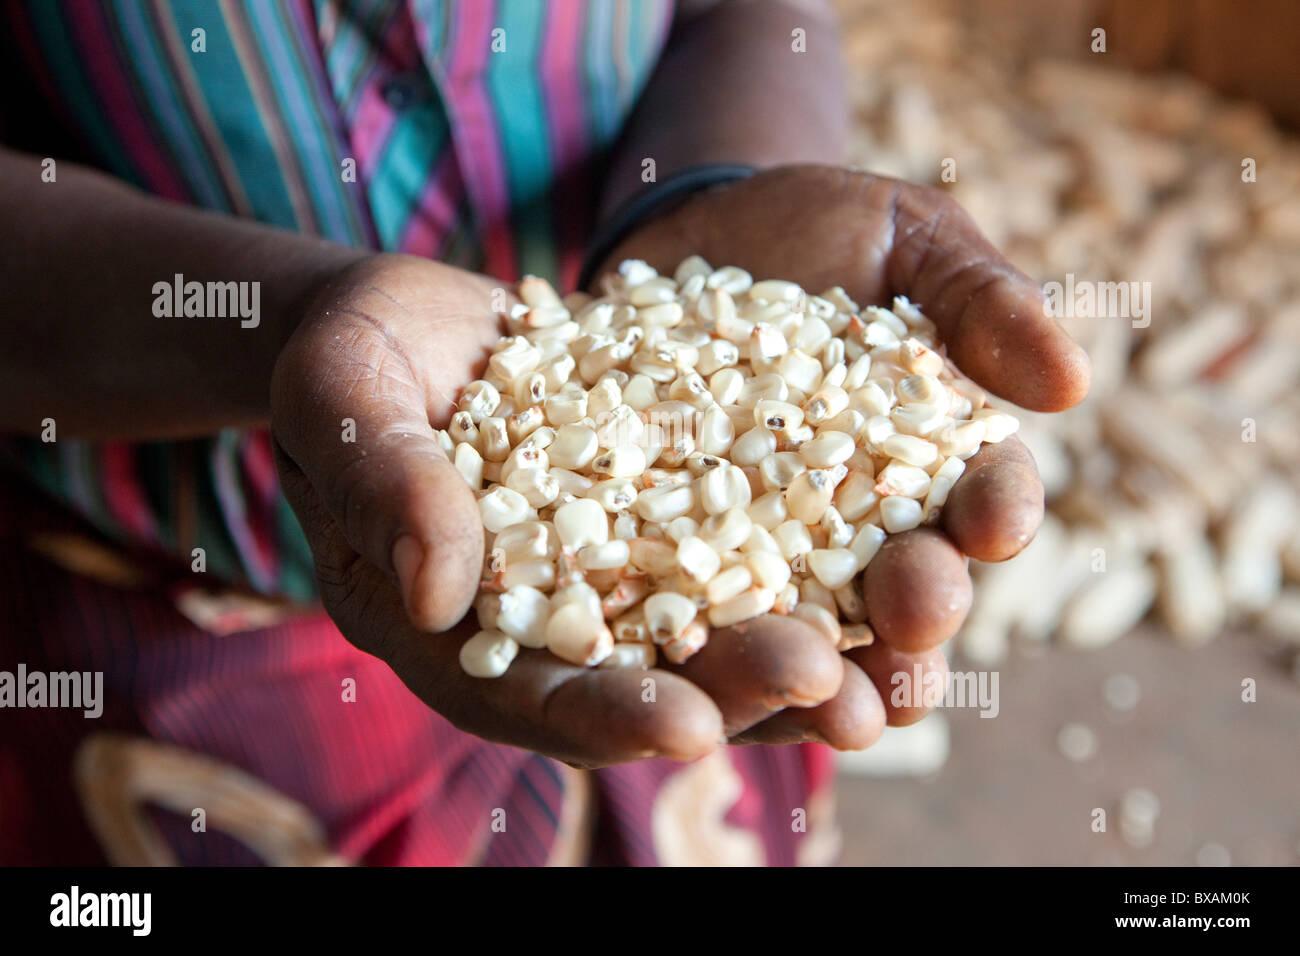 Une femme est titulaire d'une poignée de grains de maïs à Iganga, Ouganda, Afrique de l'Est Photo Stock